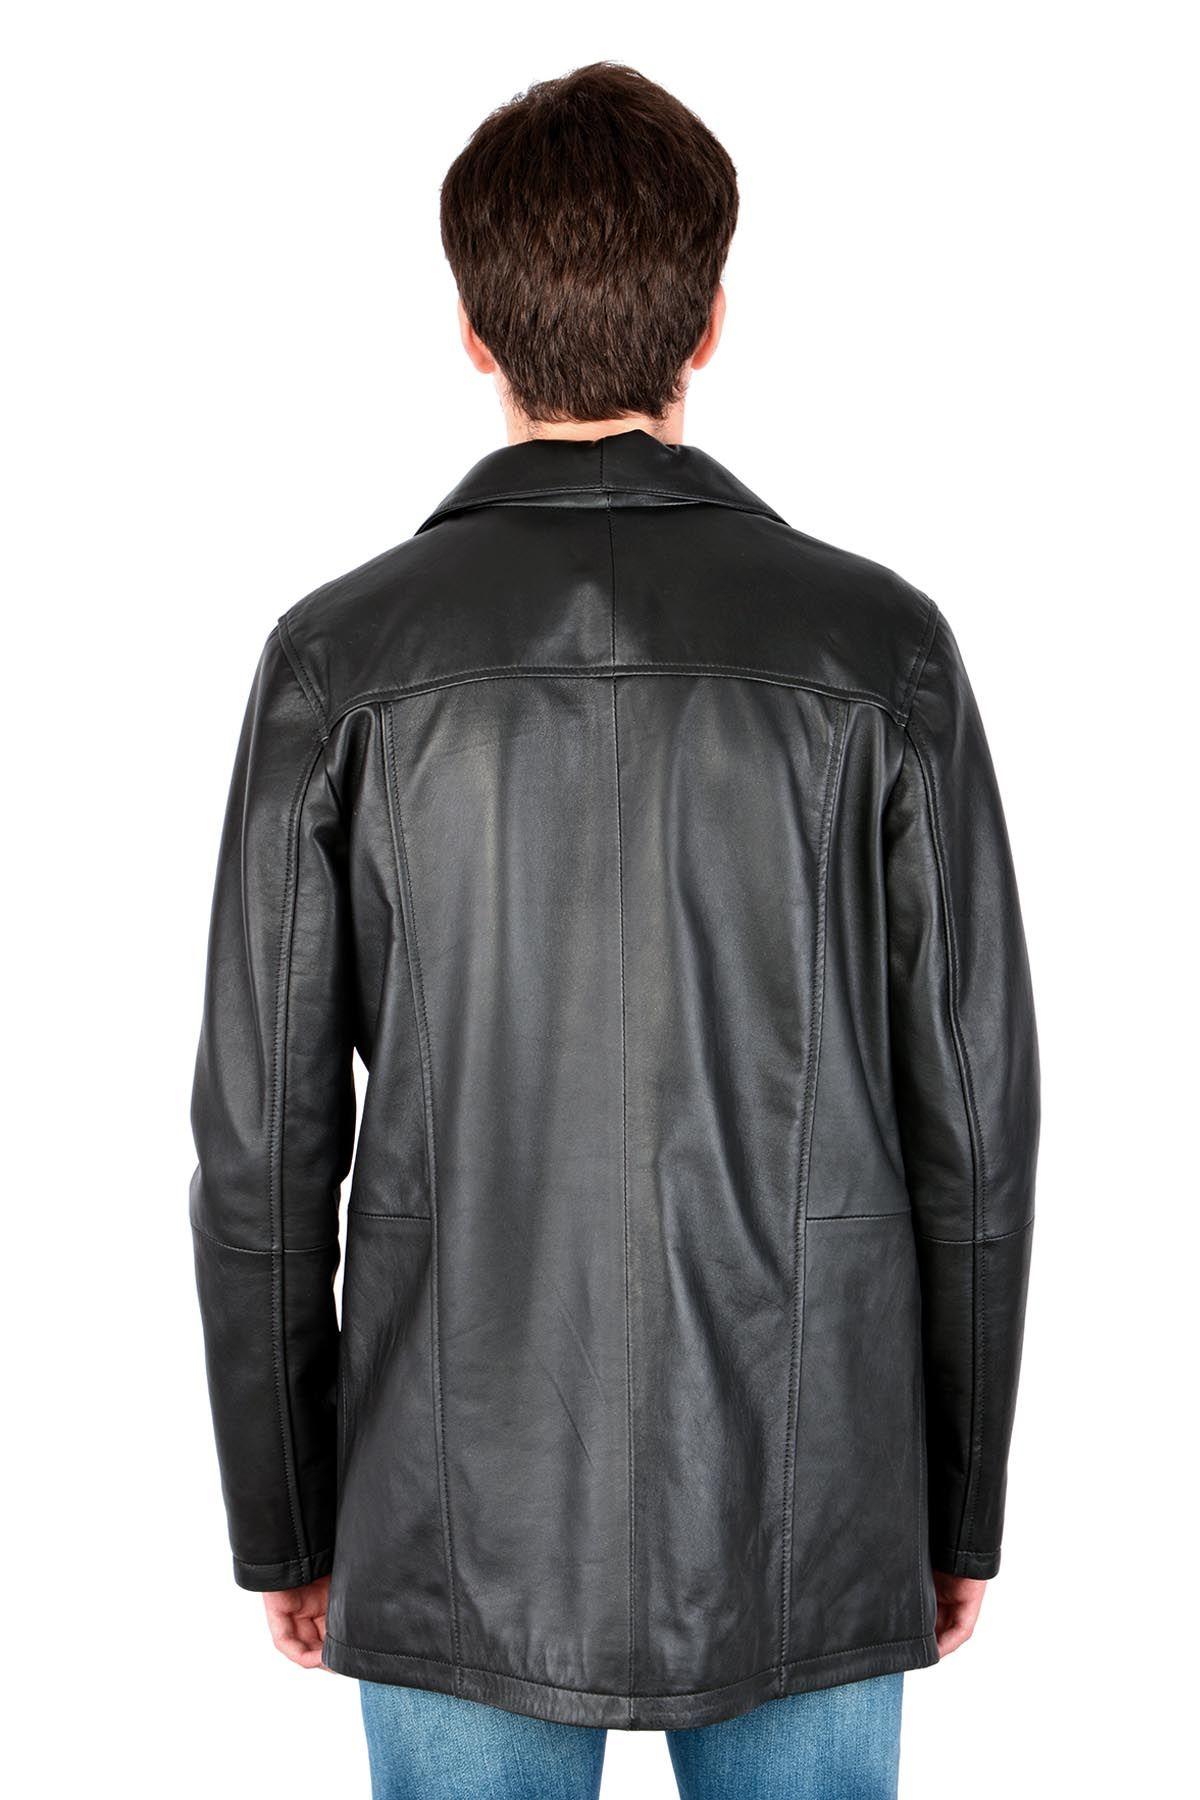 Pegia Hakiki Deri Erkek Ceket 17CE07 Siyah